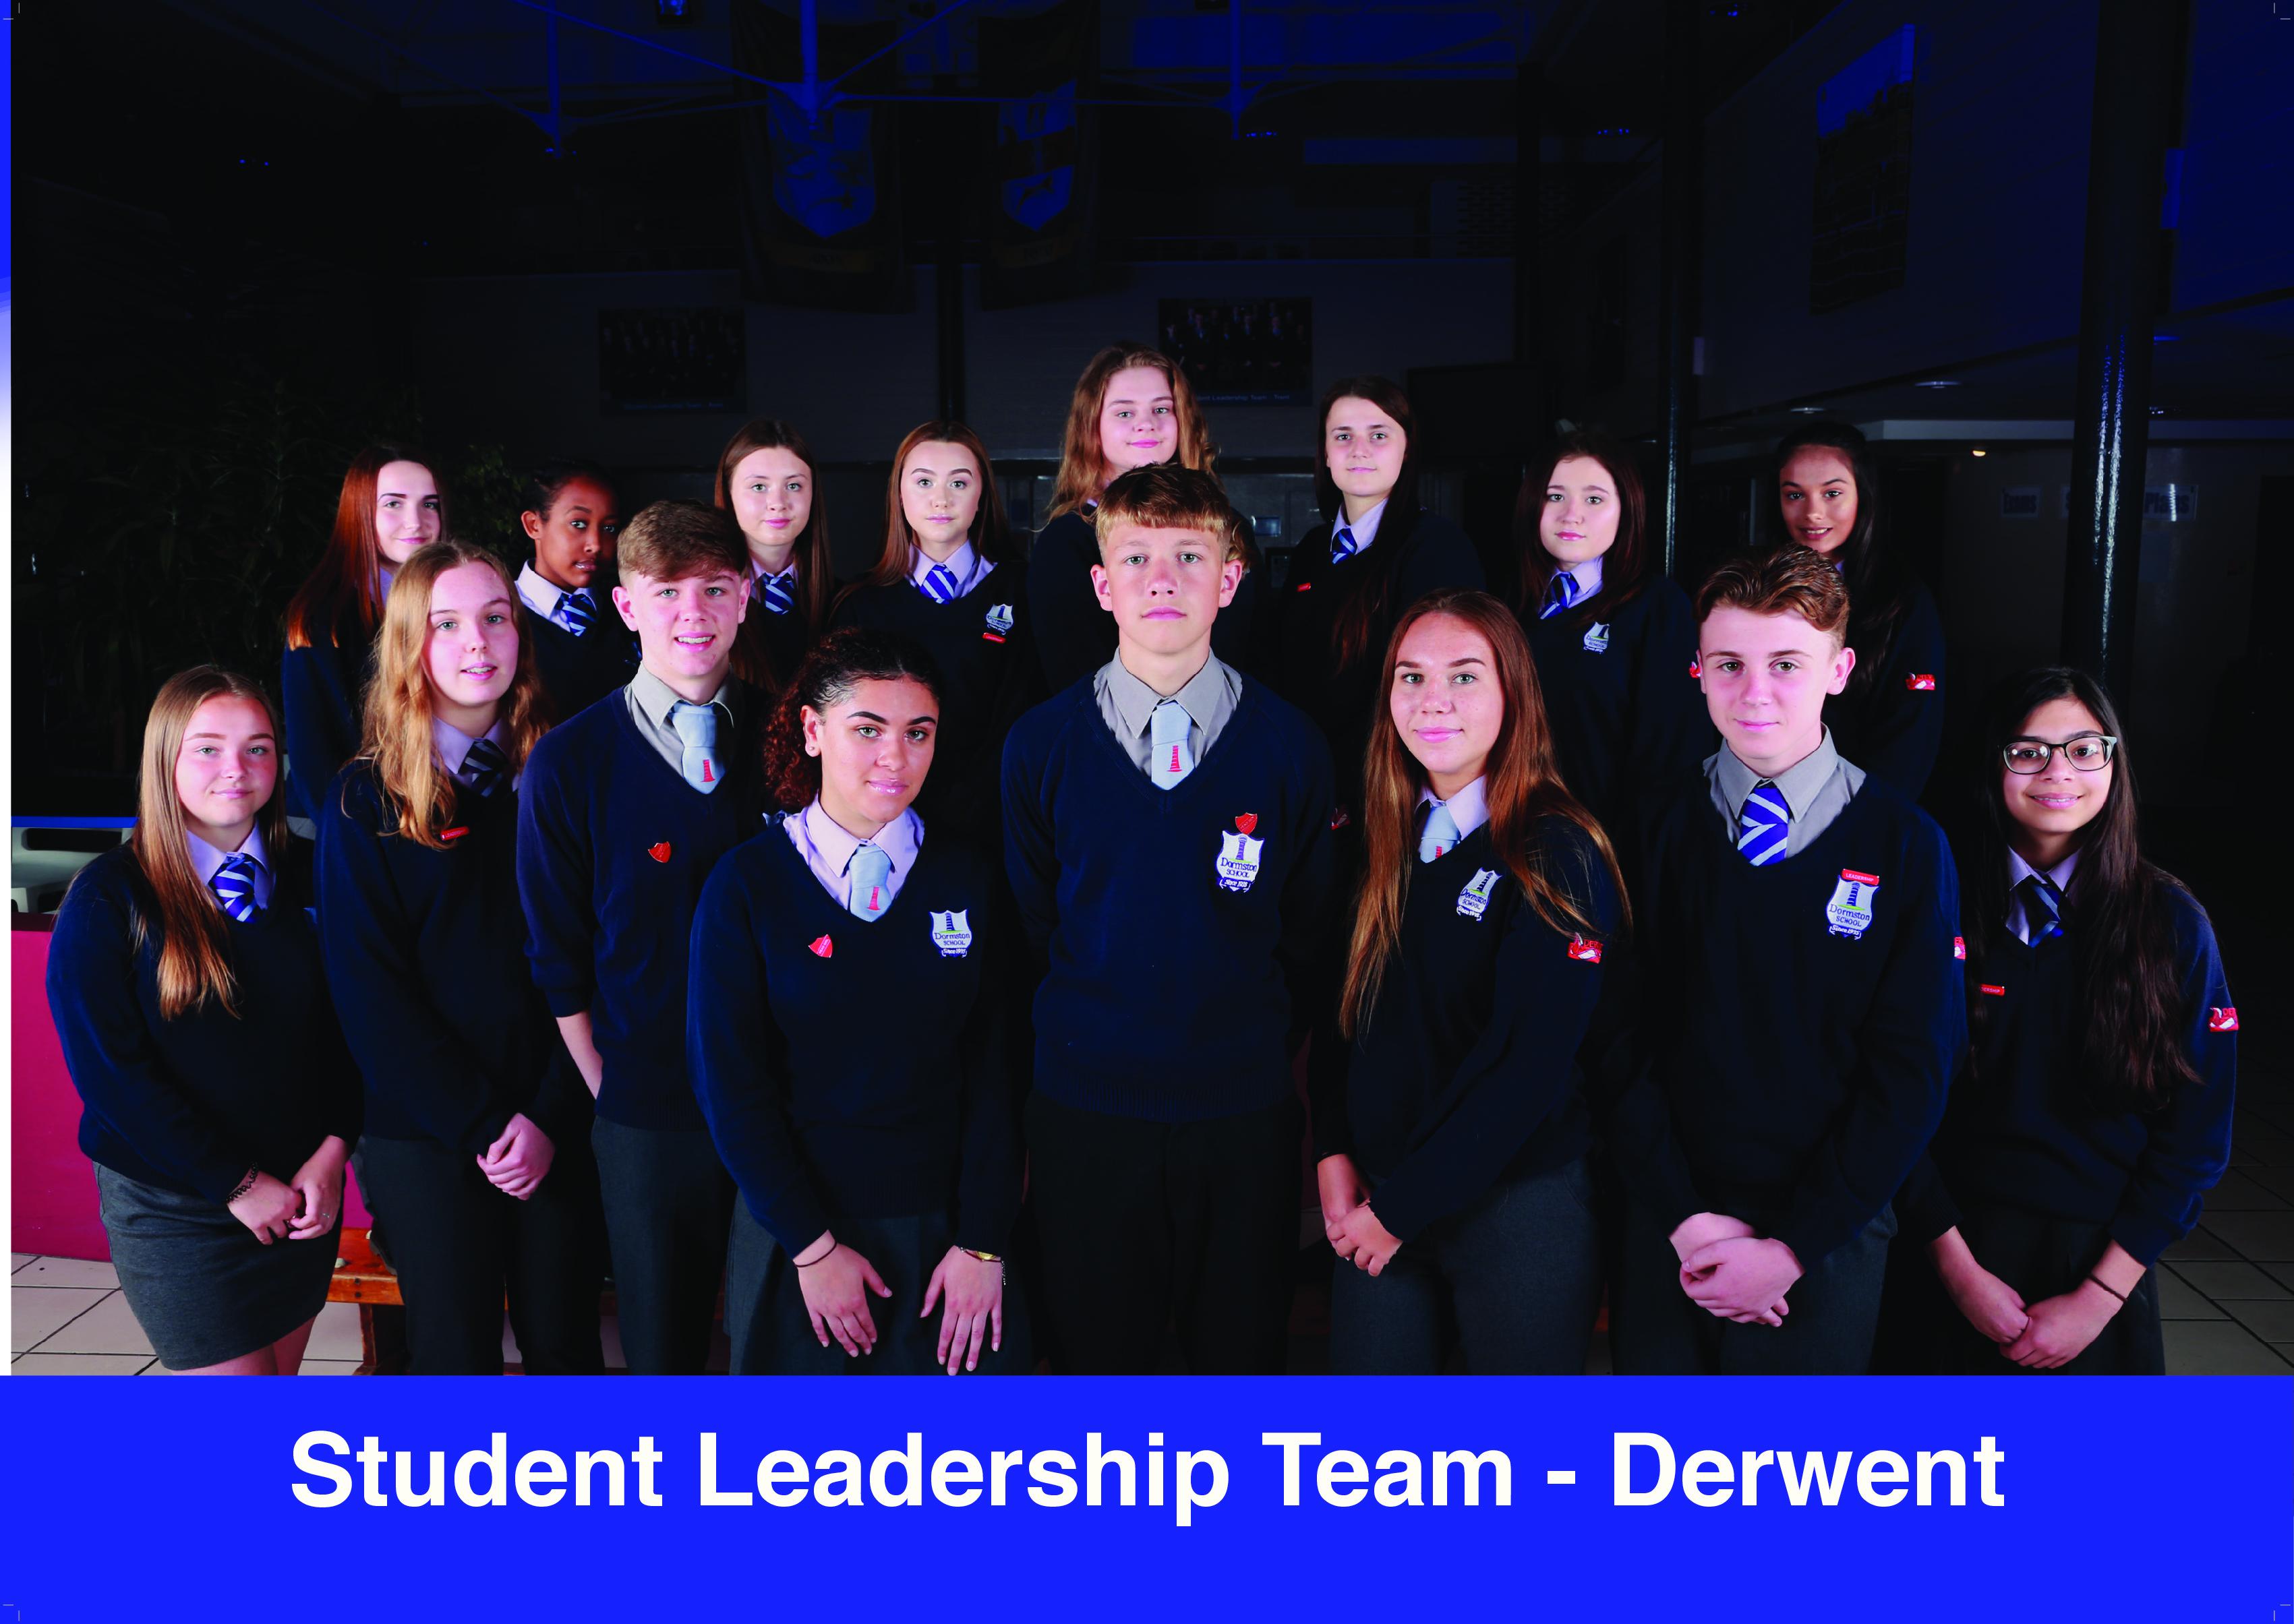 Leadershipteam derwent